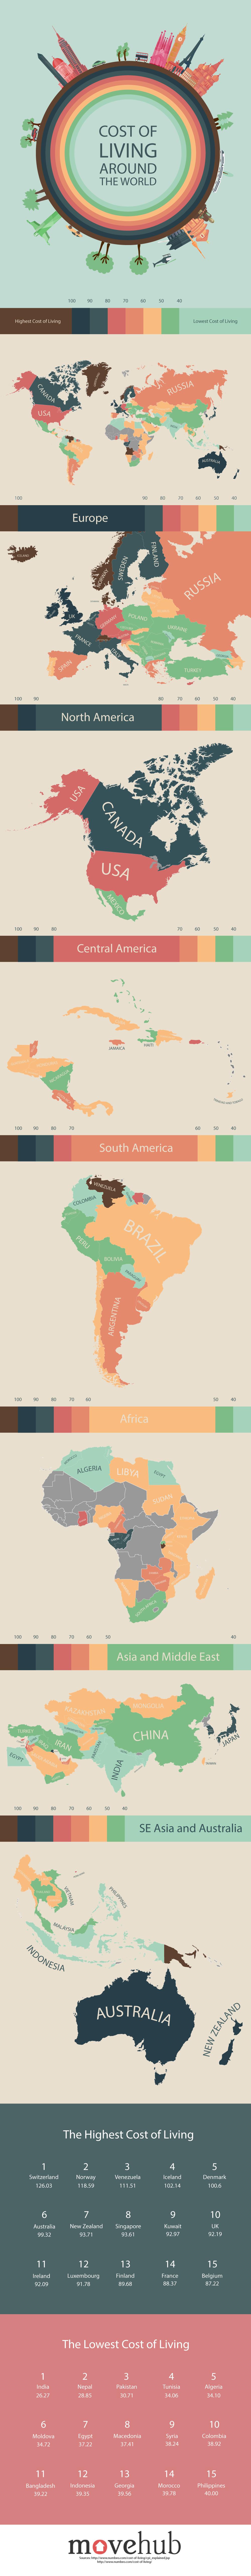 La mappa dei Paesi in cui la vita costa meno